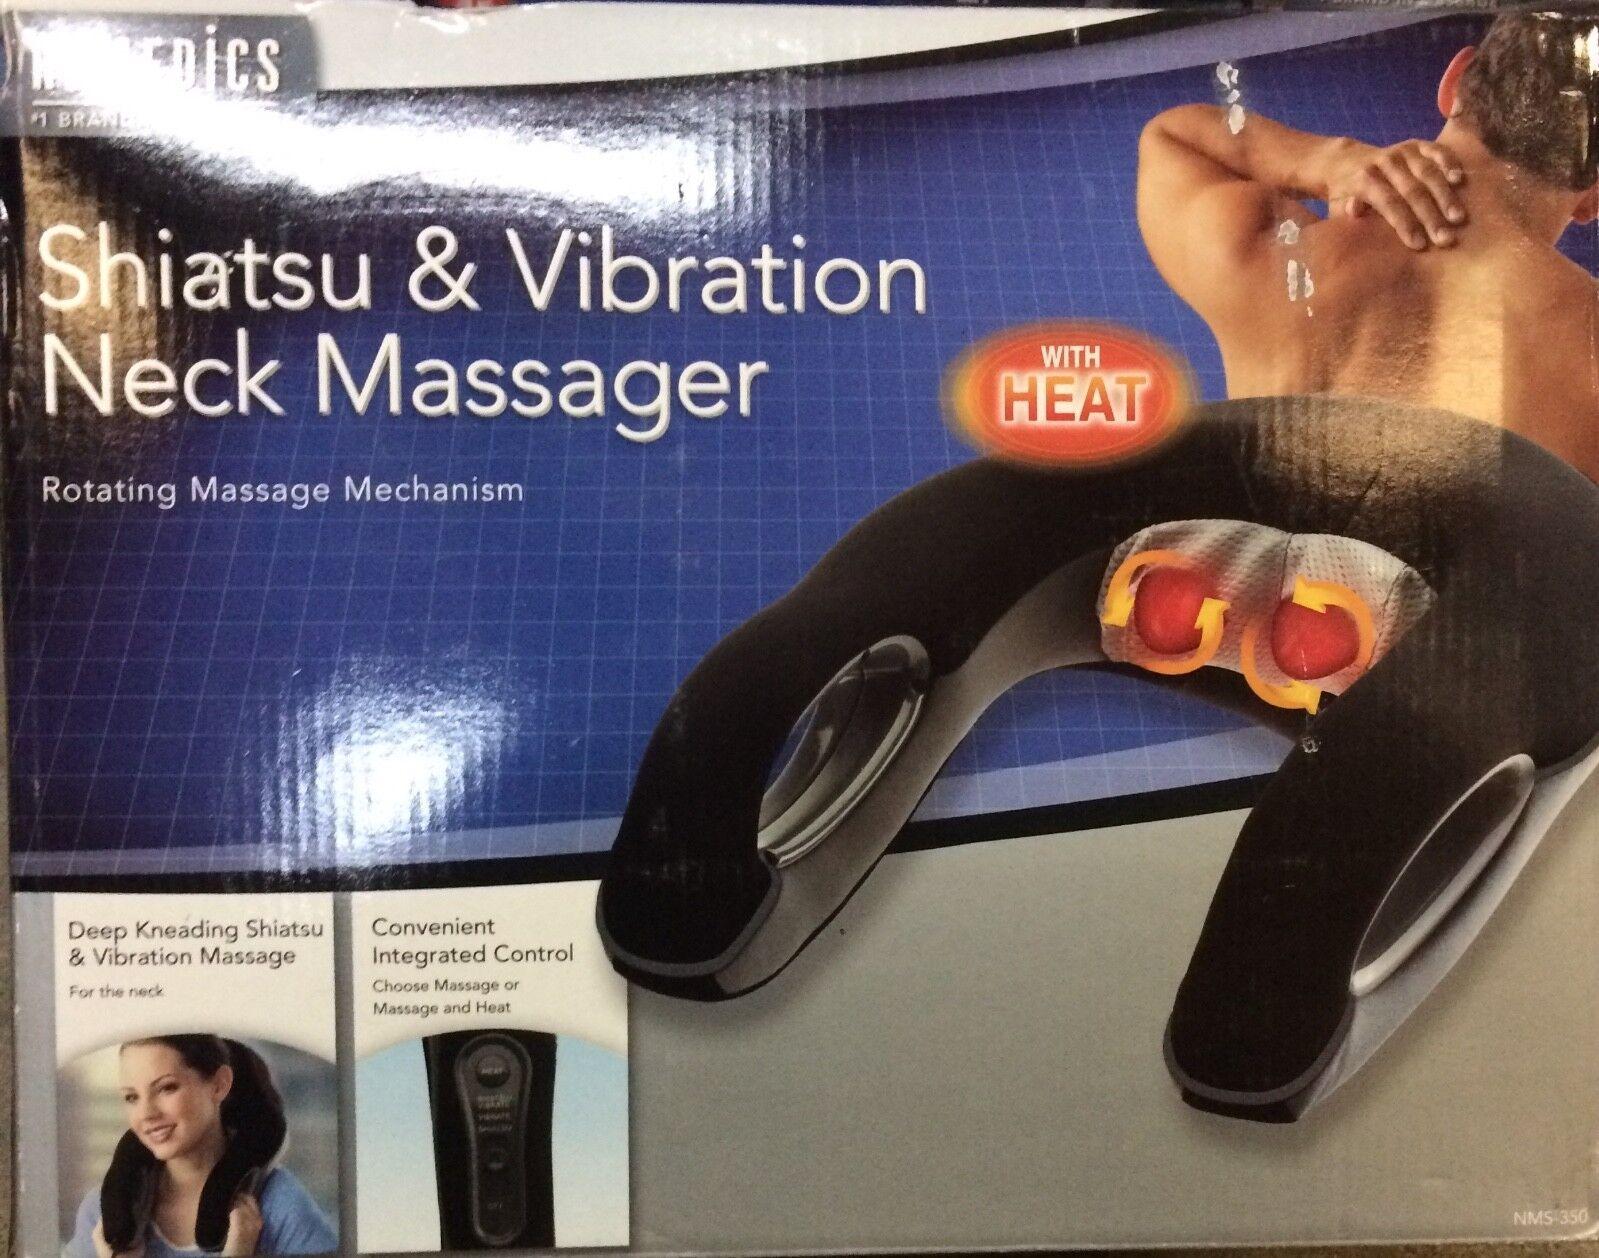 Homedics  Neck Massager Shiatsu and Vibration With Heat